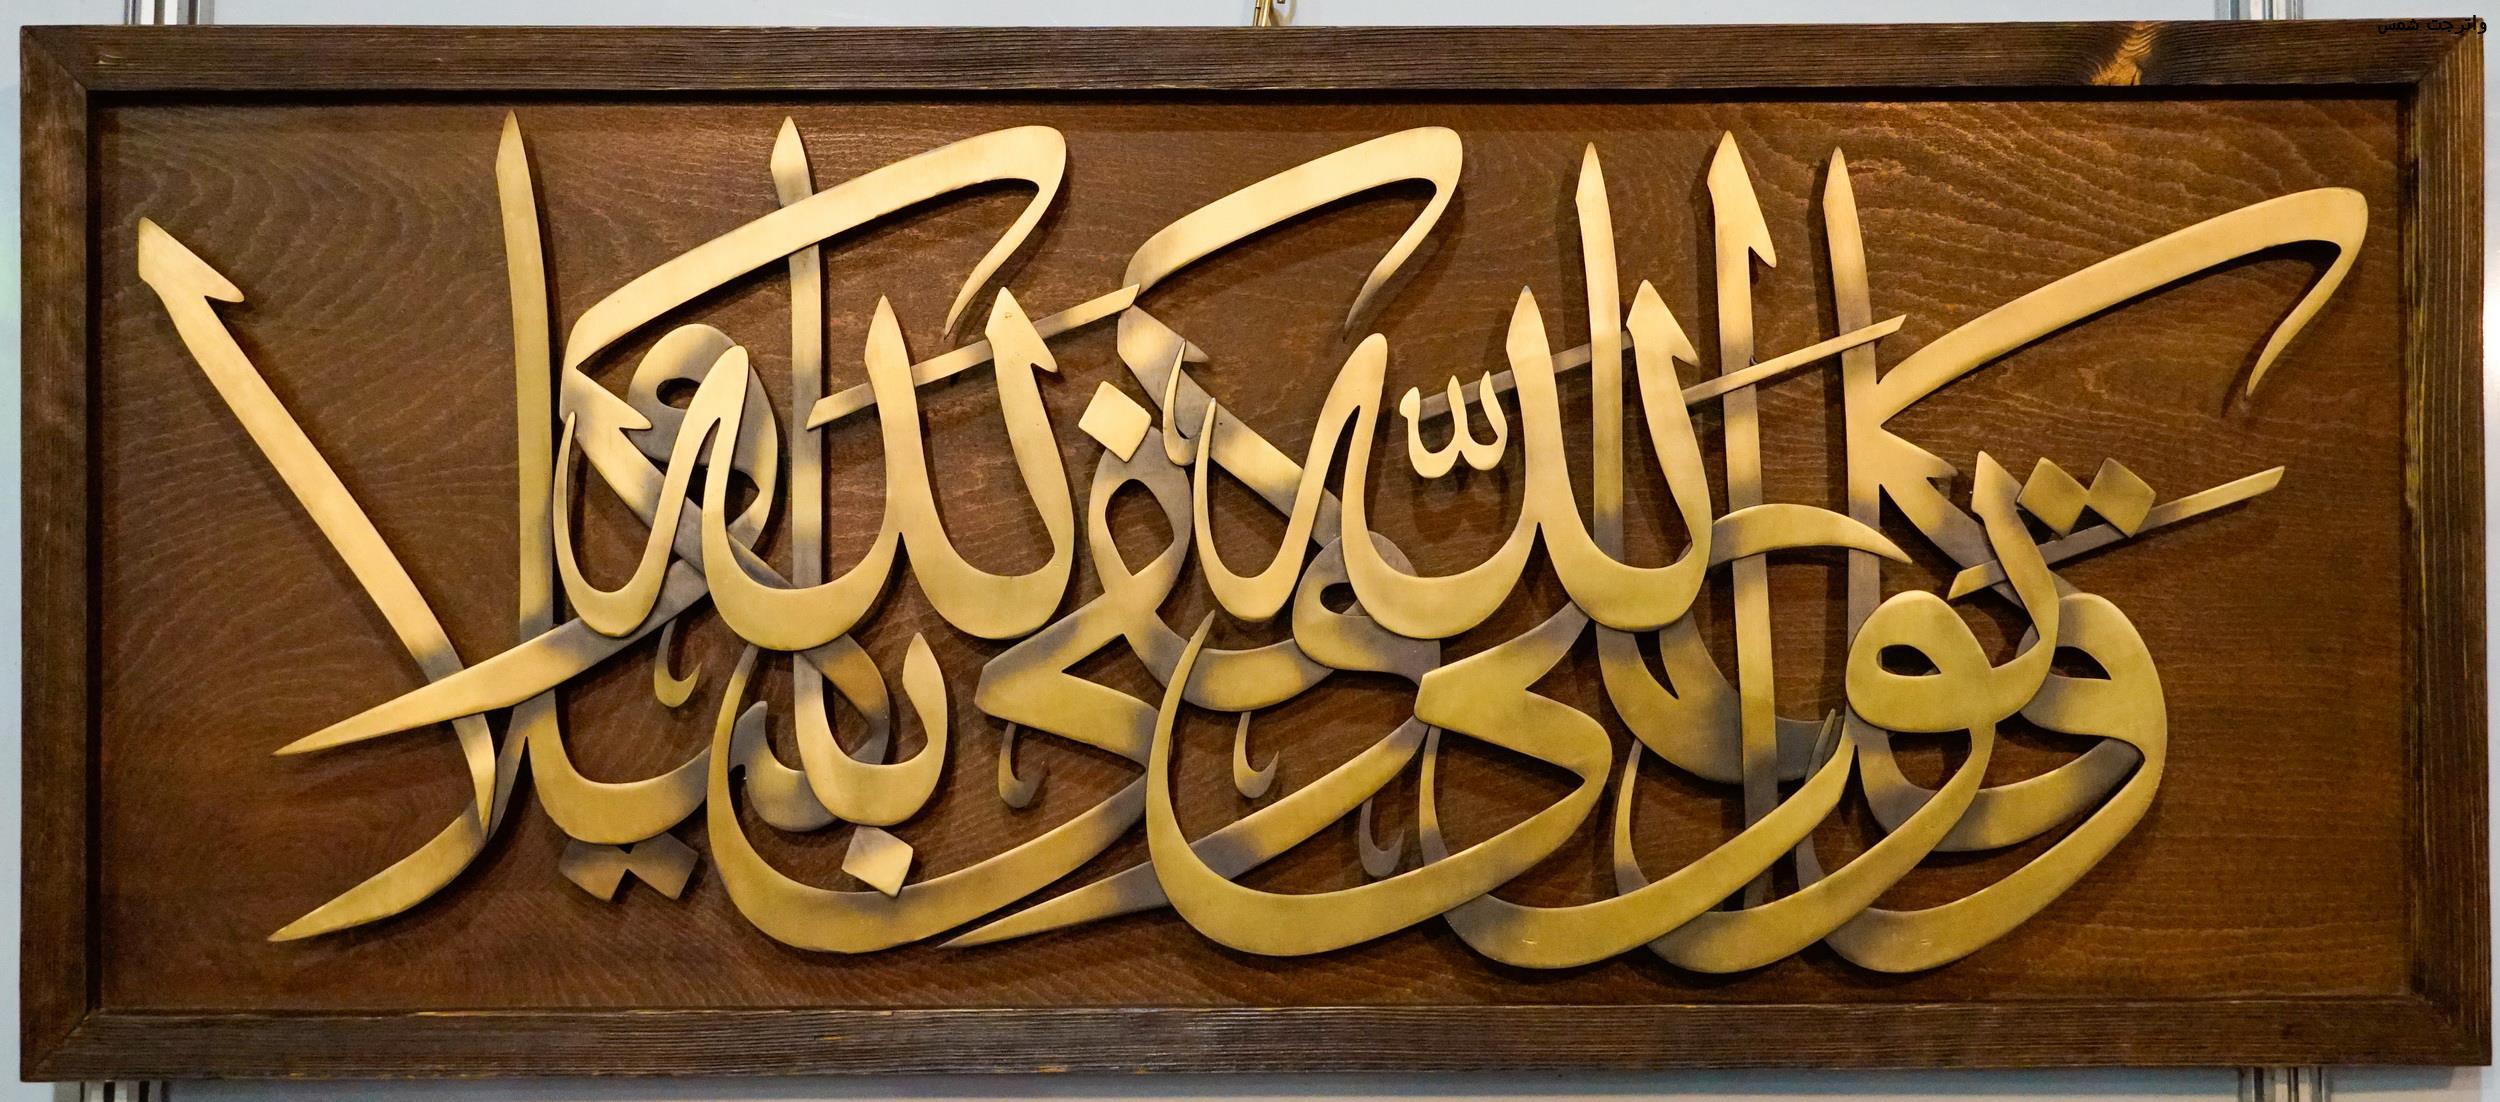 خوشنویسی برجسته با فلز- خوشنویسی مذهبی با فلز-تابلوی فلزی و توکل علی الله و کفی -خوشنویسی مذهبی